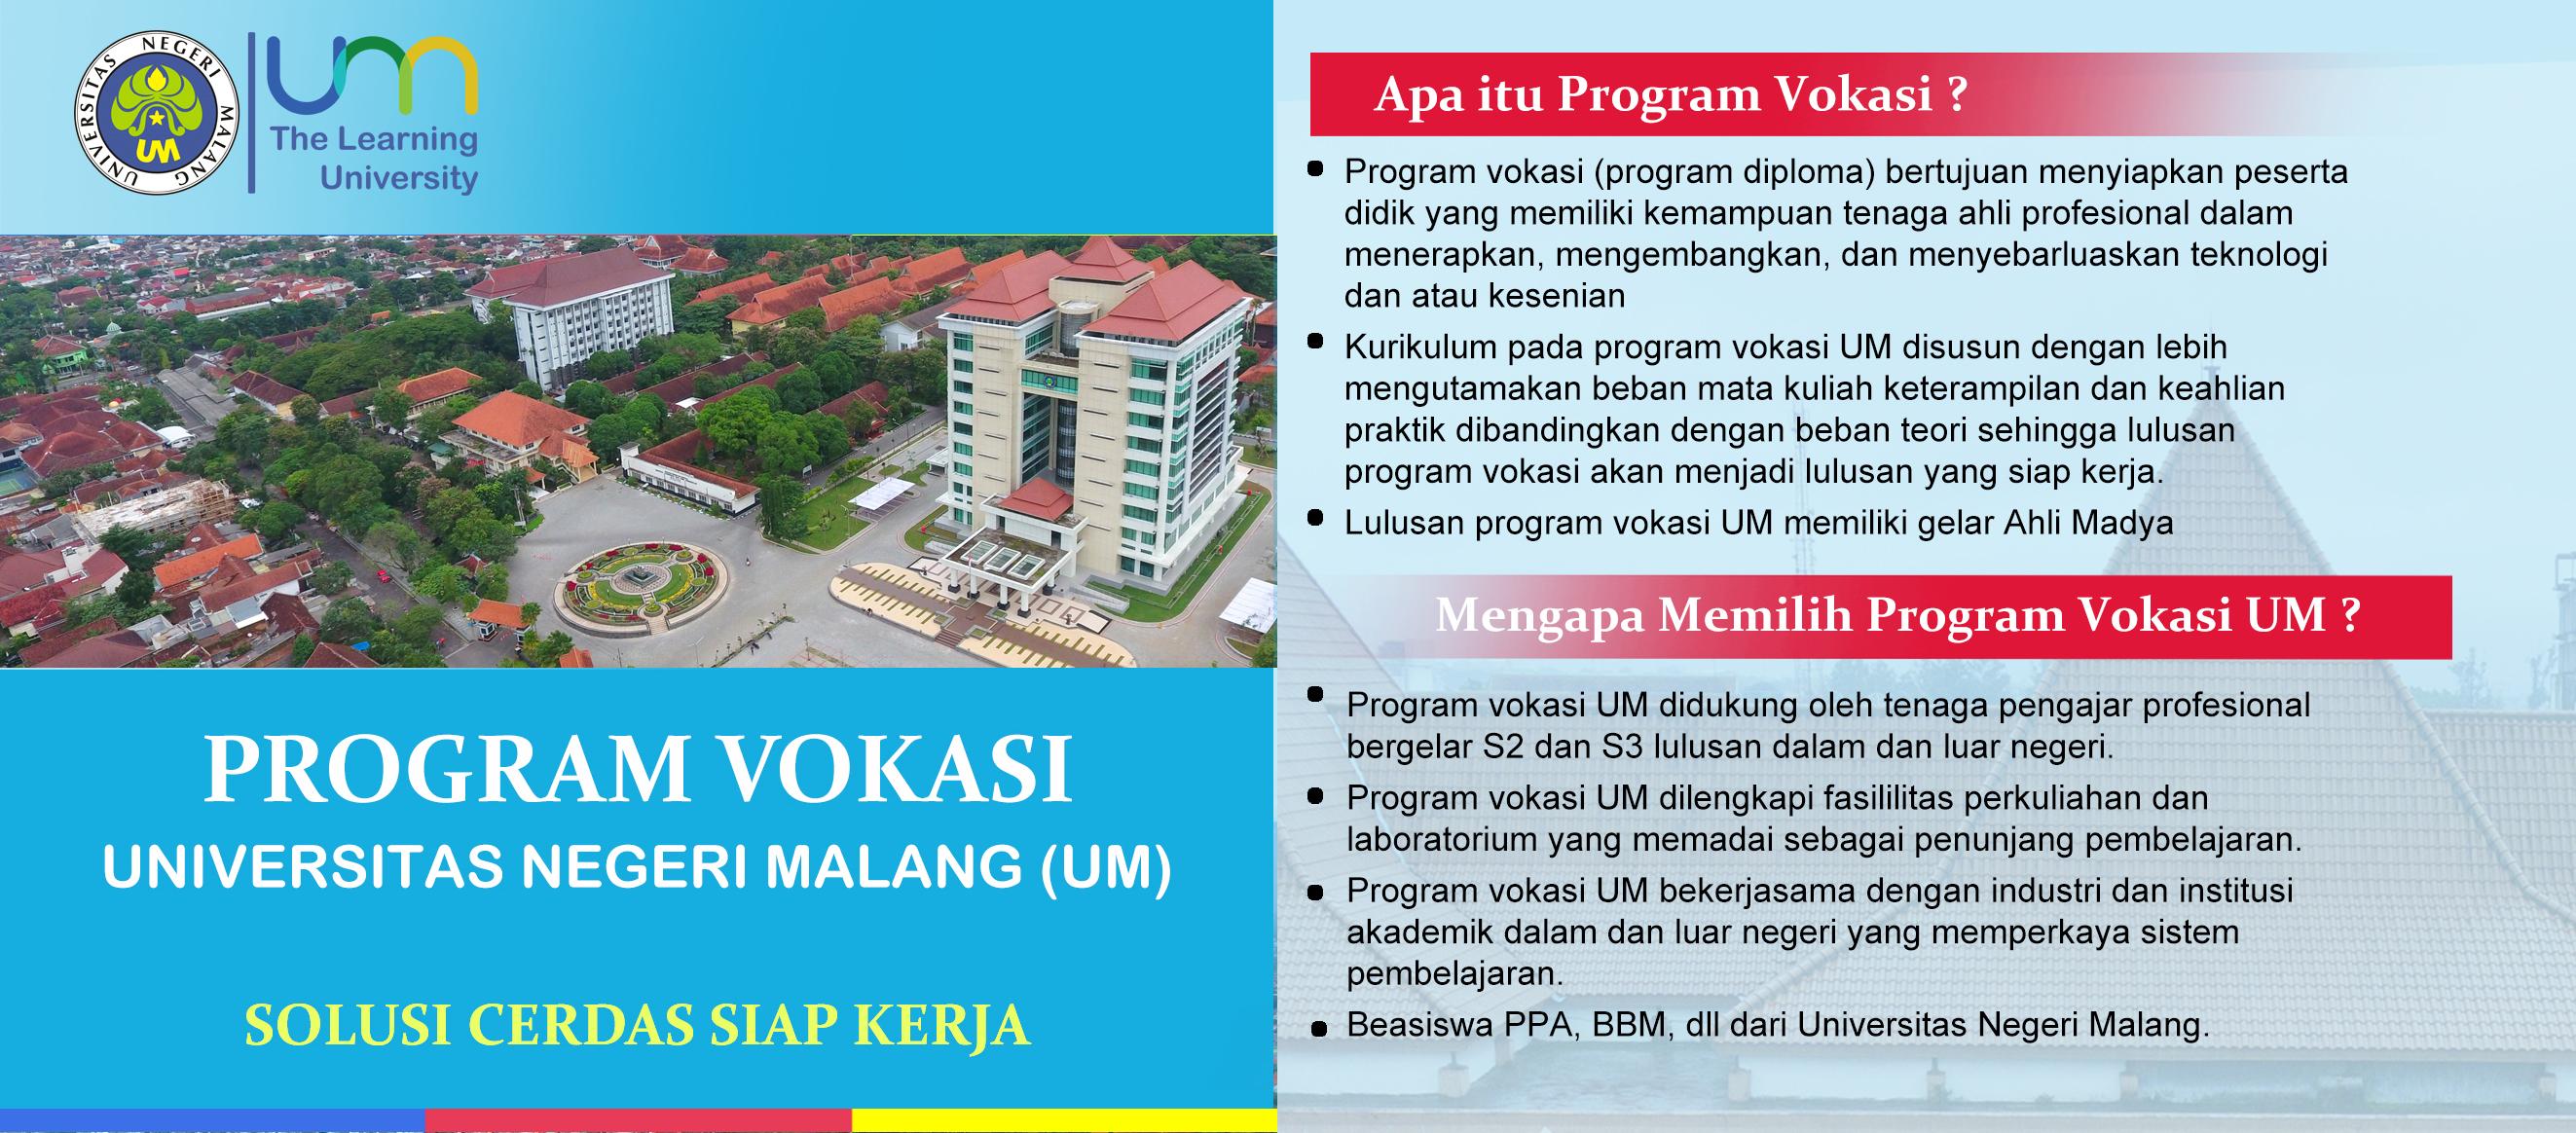 Penerimaan Mahasiswa Baru Program Vokasi (D3)